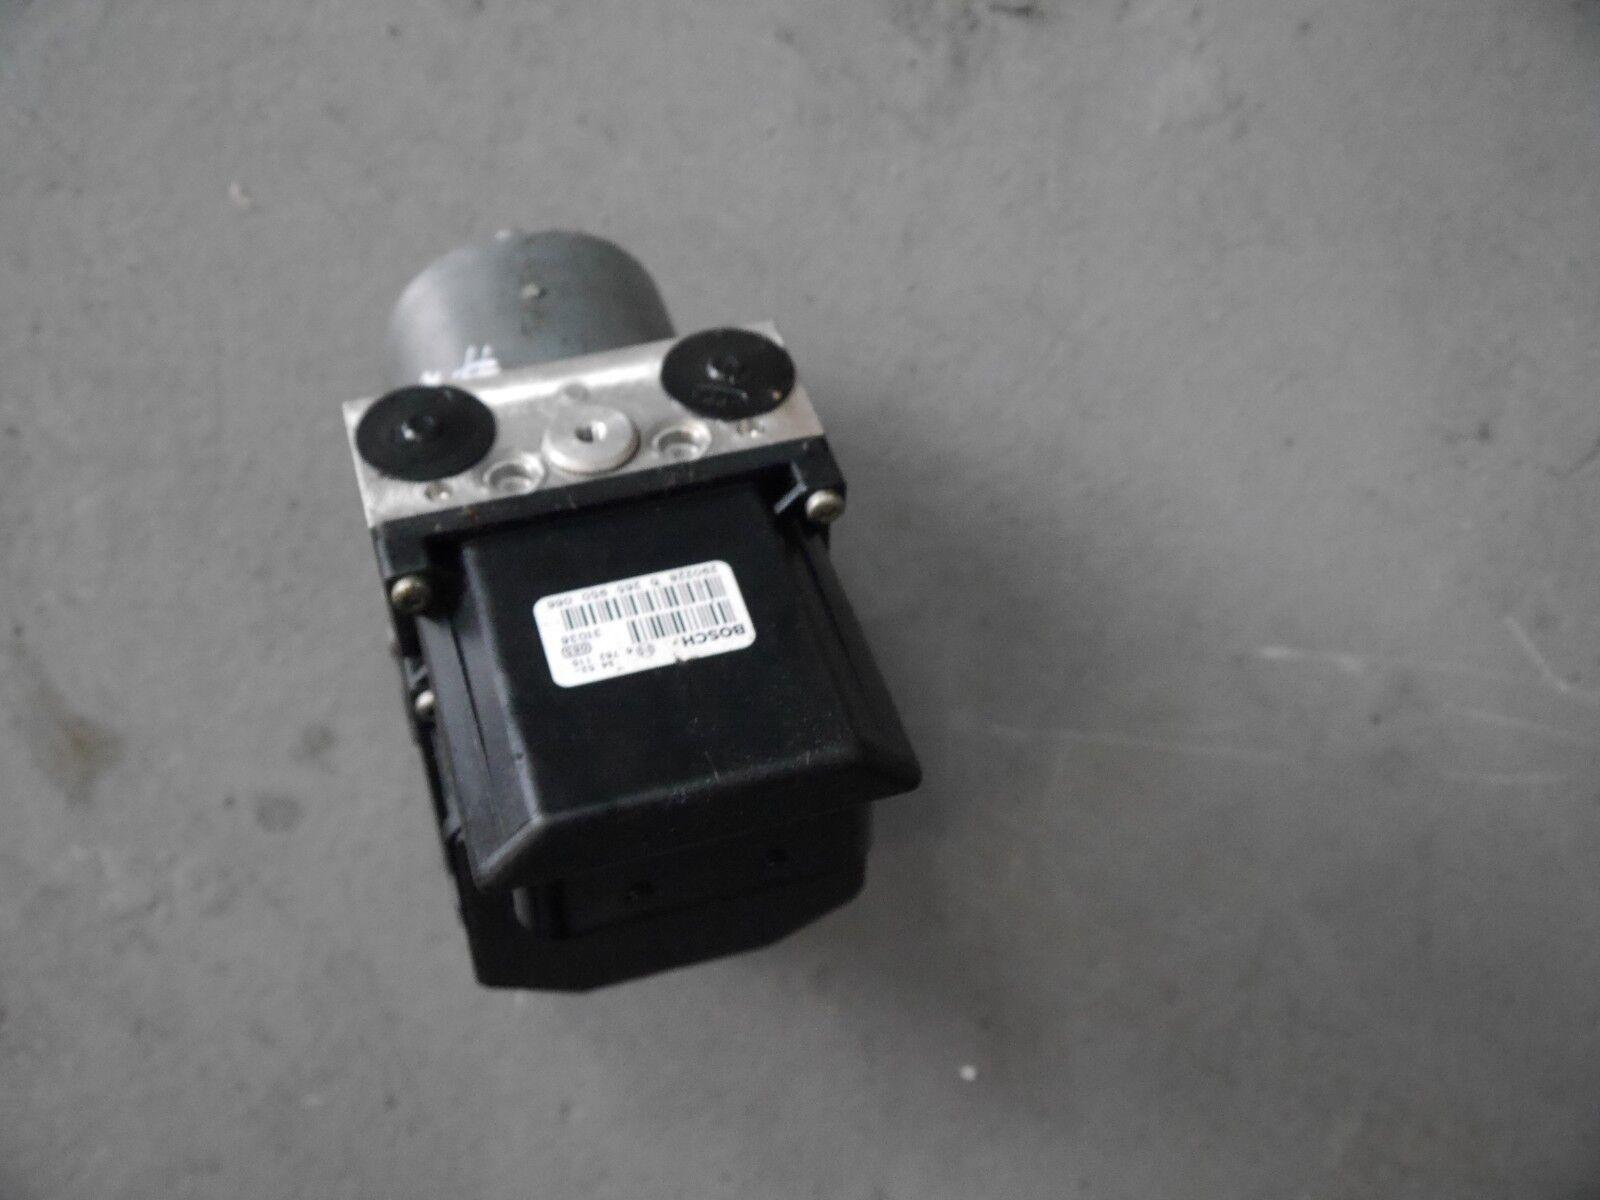 BMW 3er E46 ABS Block Hydroaggregat ASC Steuergerät 6751767 6751768 Ate